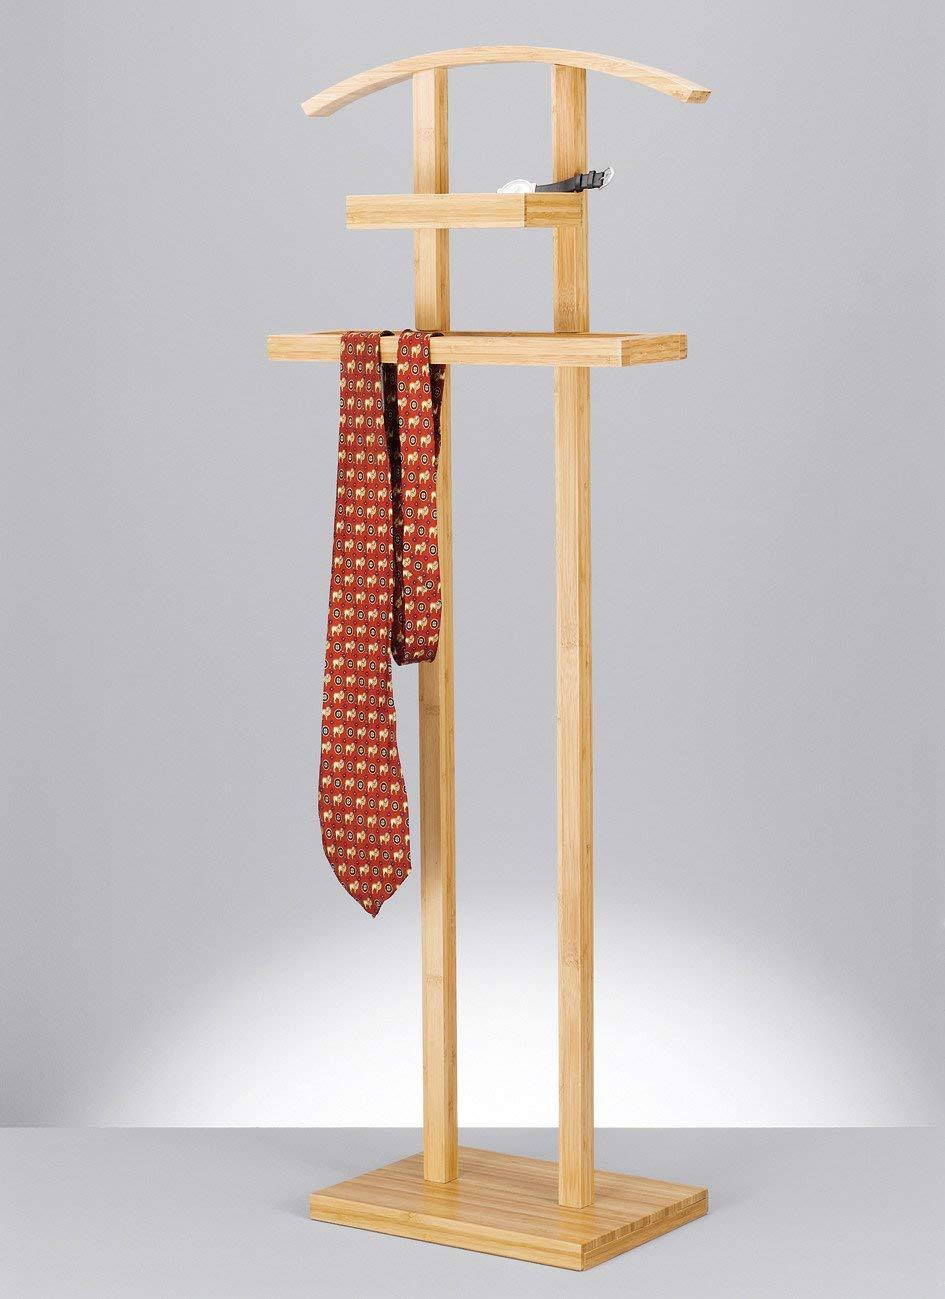 Zeller 13570 - Galán de Noche de bambú (44,5 x 22 x 21 cm)